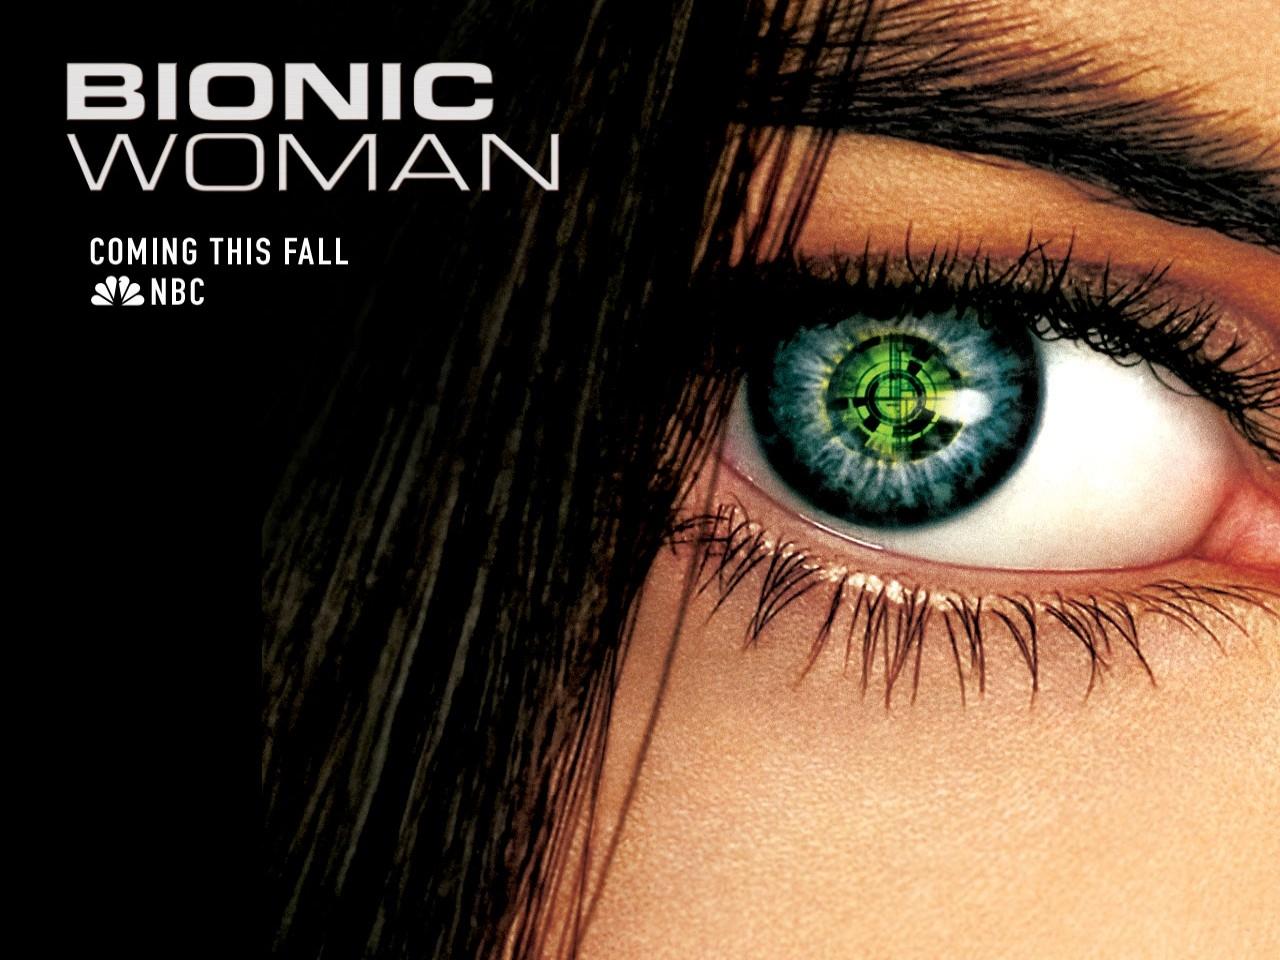 Uno dei wallpaper della serie Bionic Woman